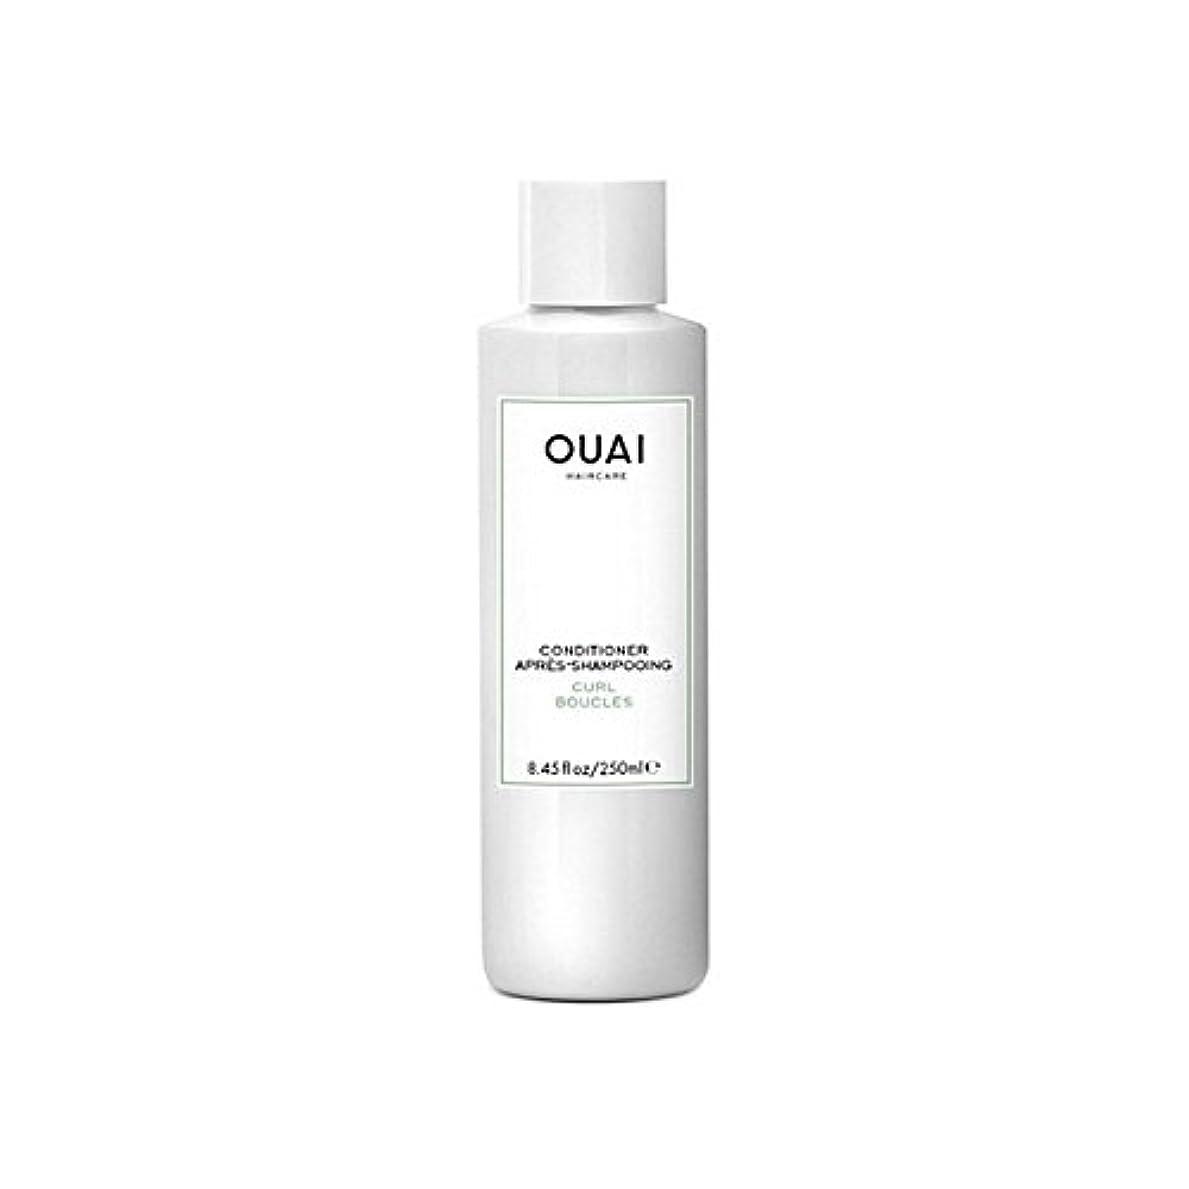 無効策定する宣言するOuai Curl Conditioner 250ml - カールコンディショナー250 [並行輸入品]